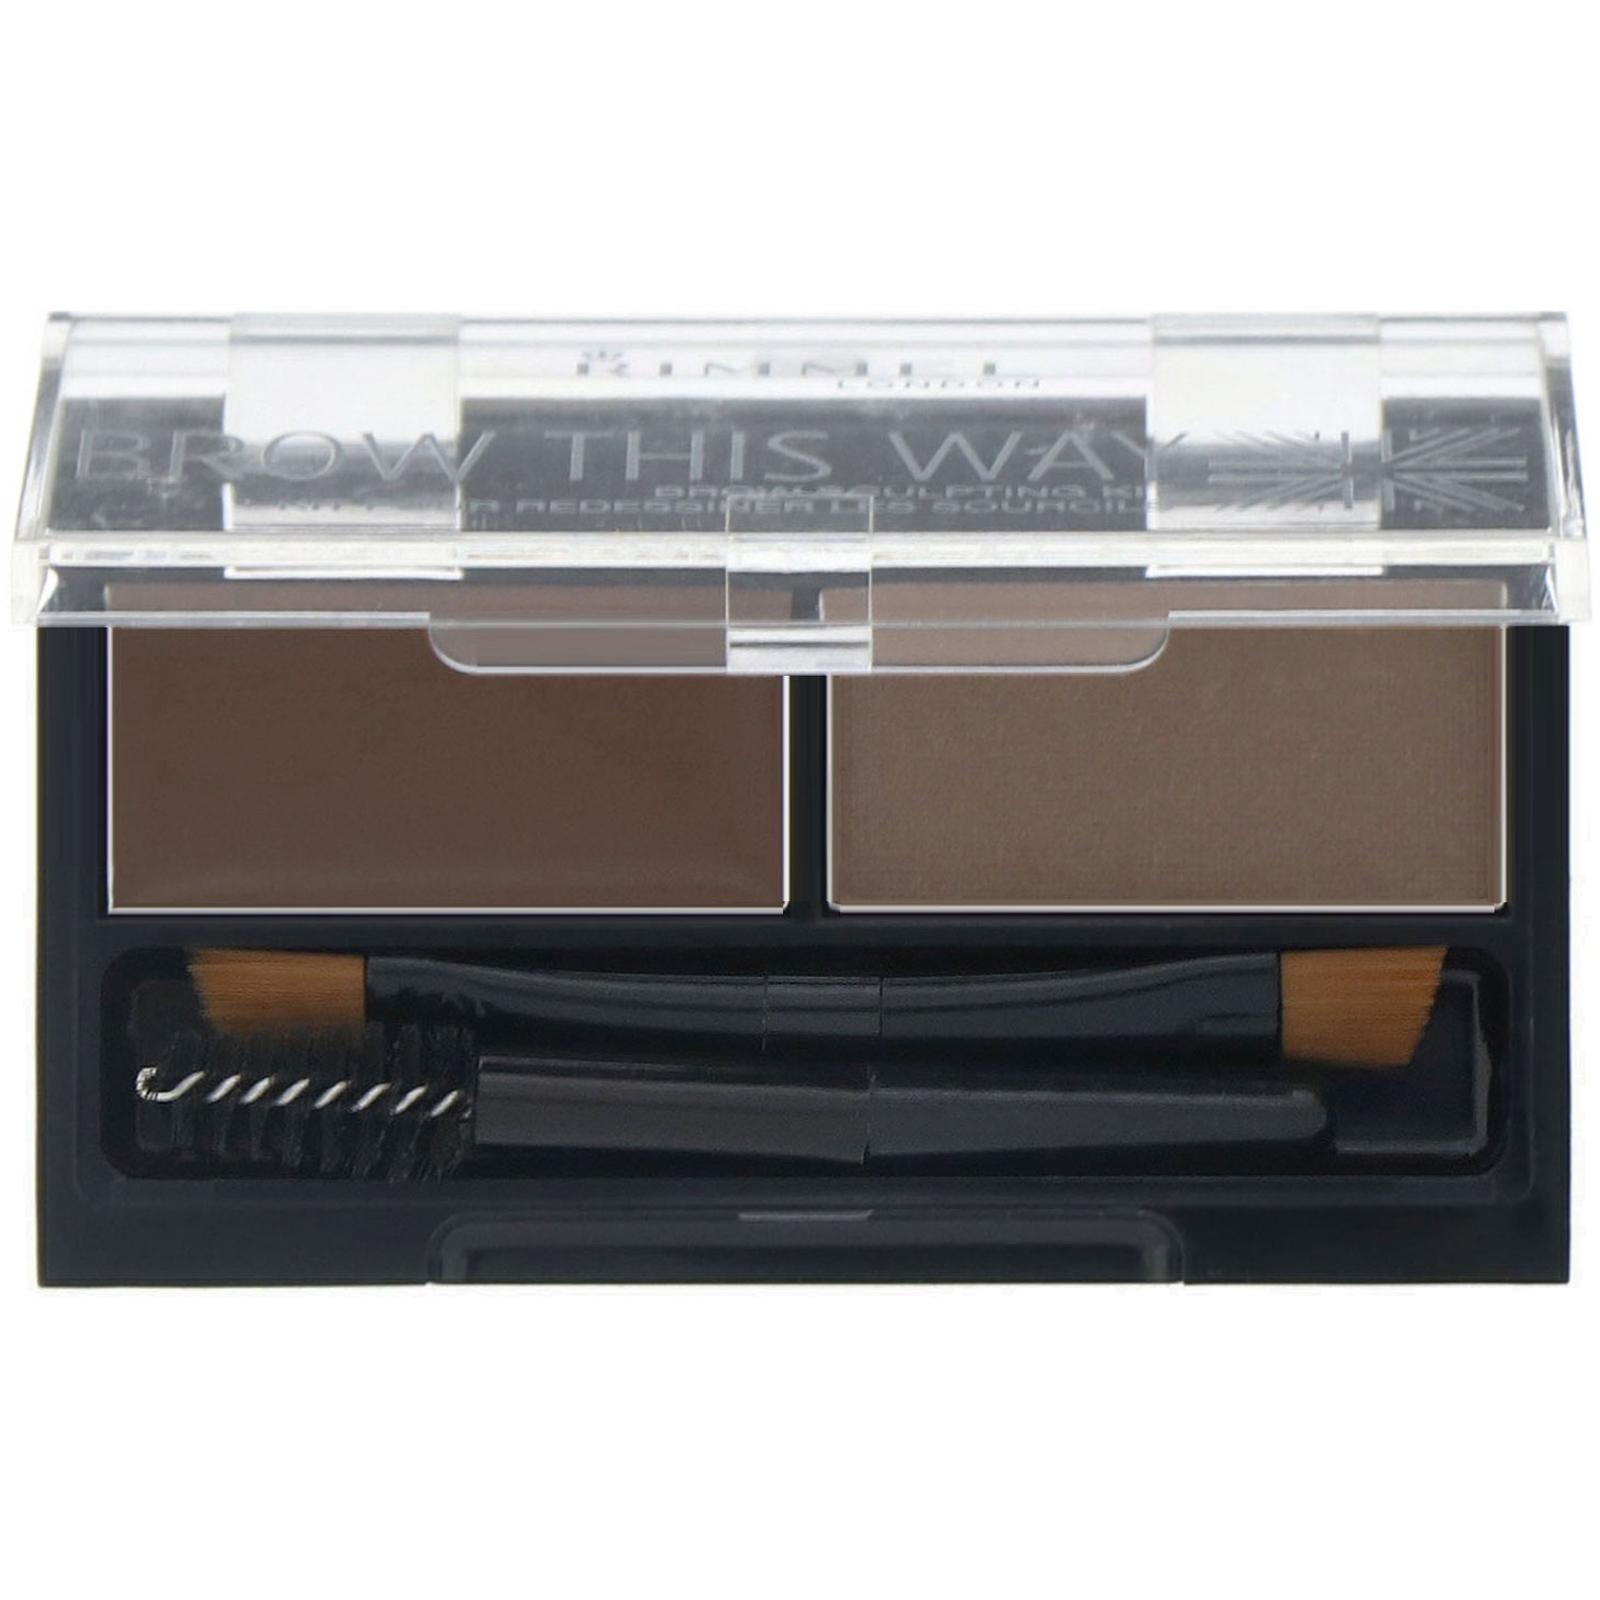 Rimmel London, Набор для моделирования бровей Brow This Way, 003 темно-коричневая палитра, 1 шт